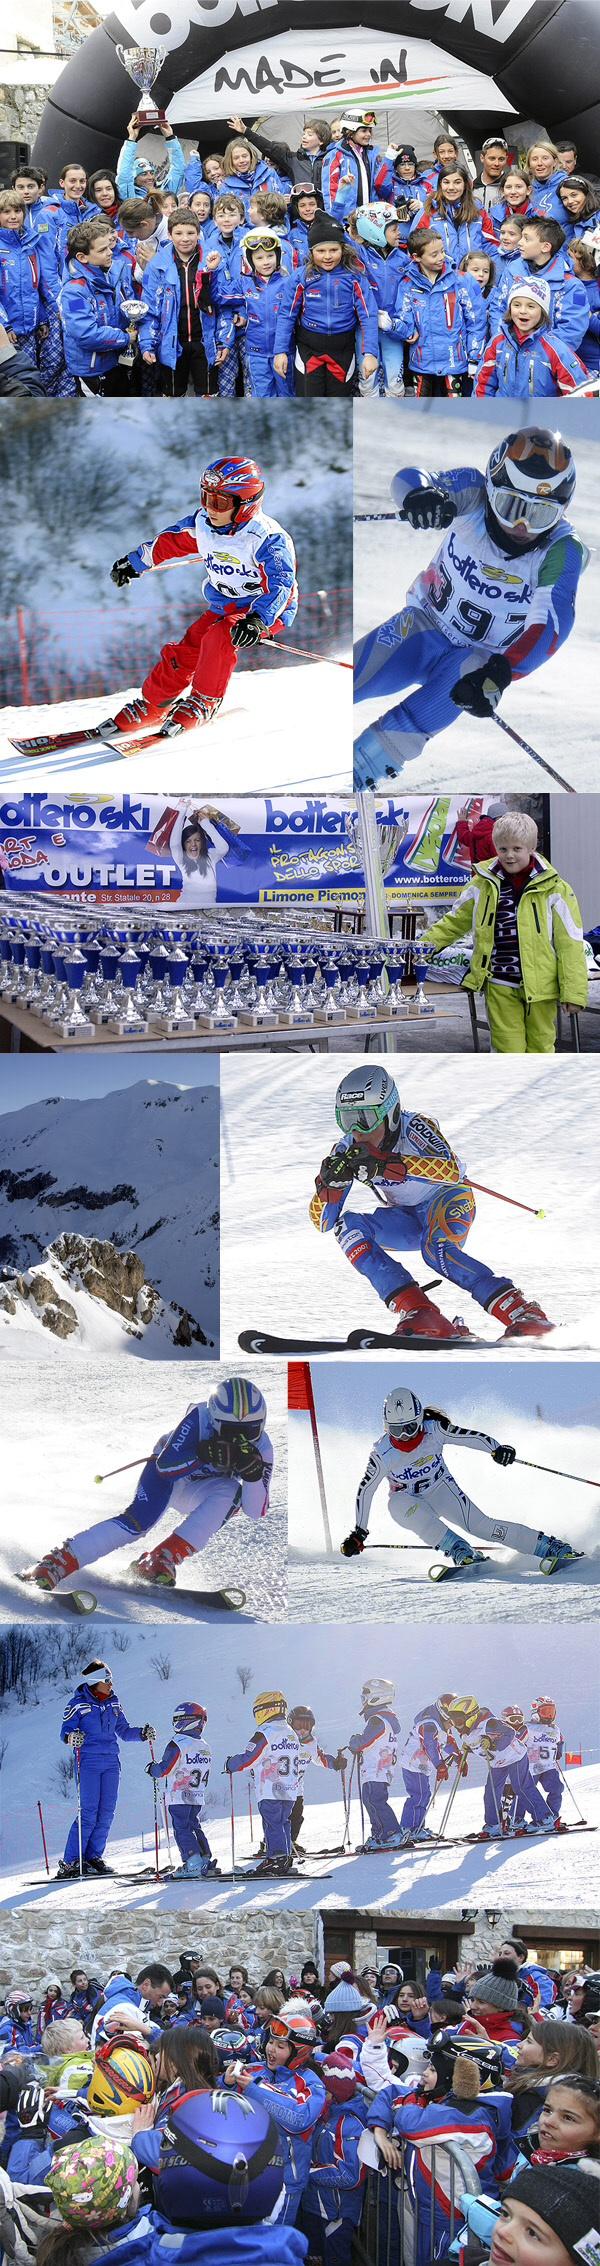 BotteroSki Cup 2014 domenica 2 marzo, partecipa e vinci!!!